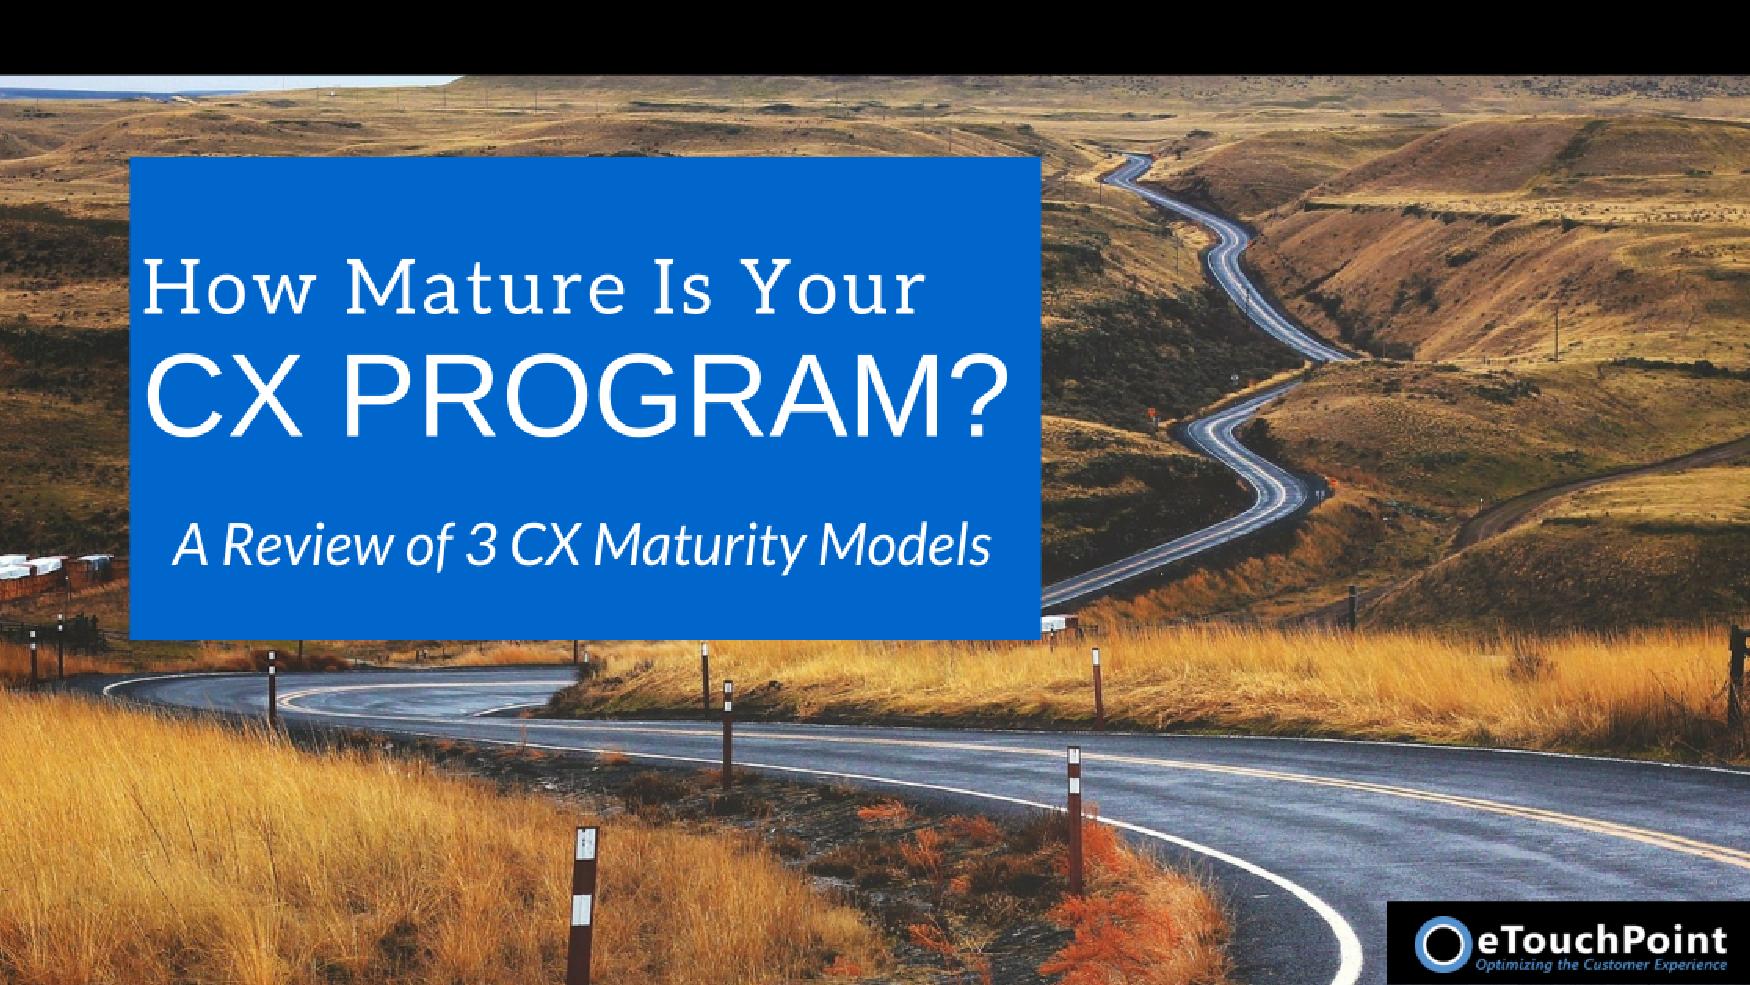 CXProgramMaturity(4)